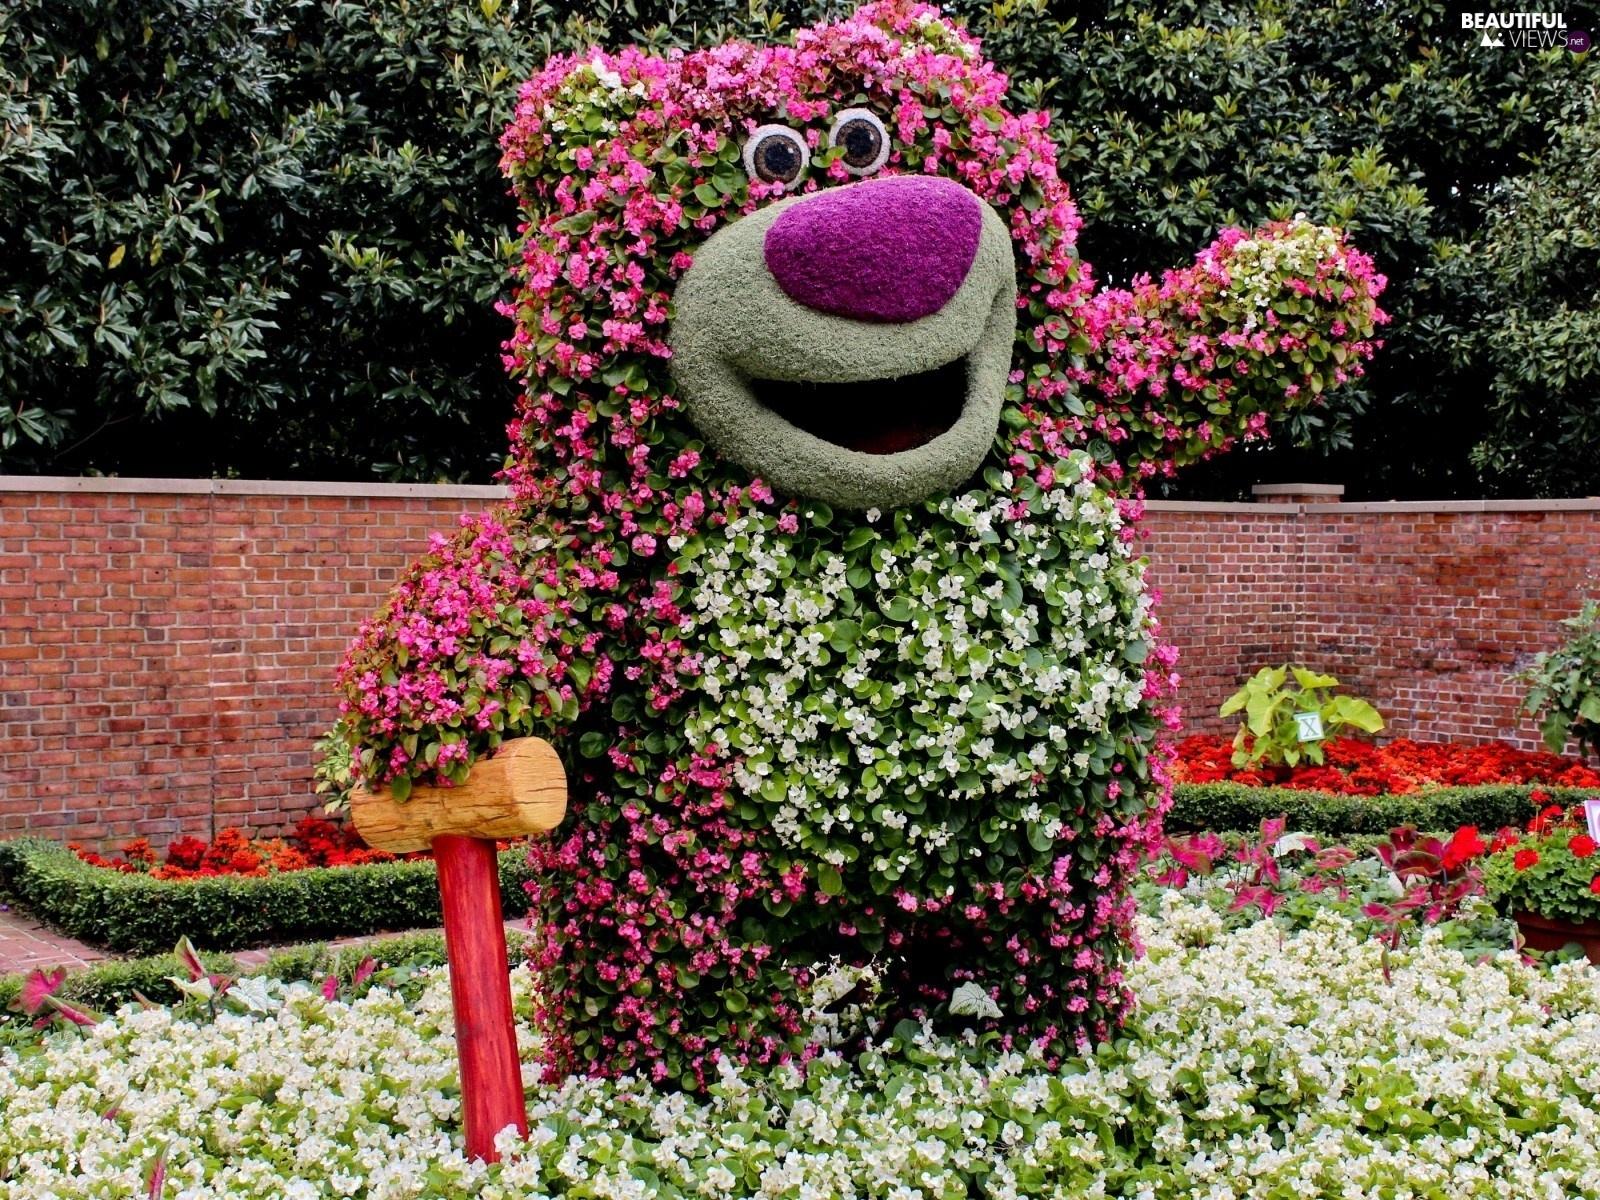 little bear, flower, garden, decoration - beautiful views